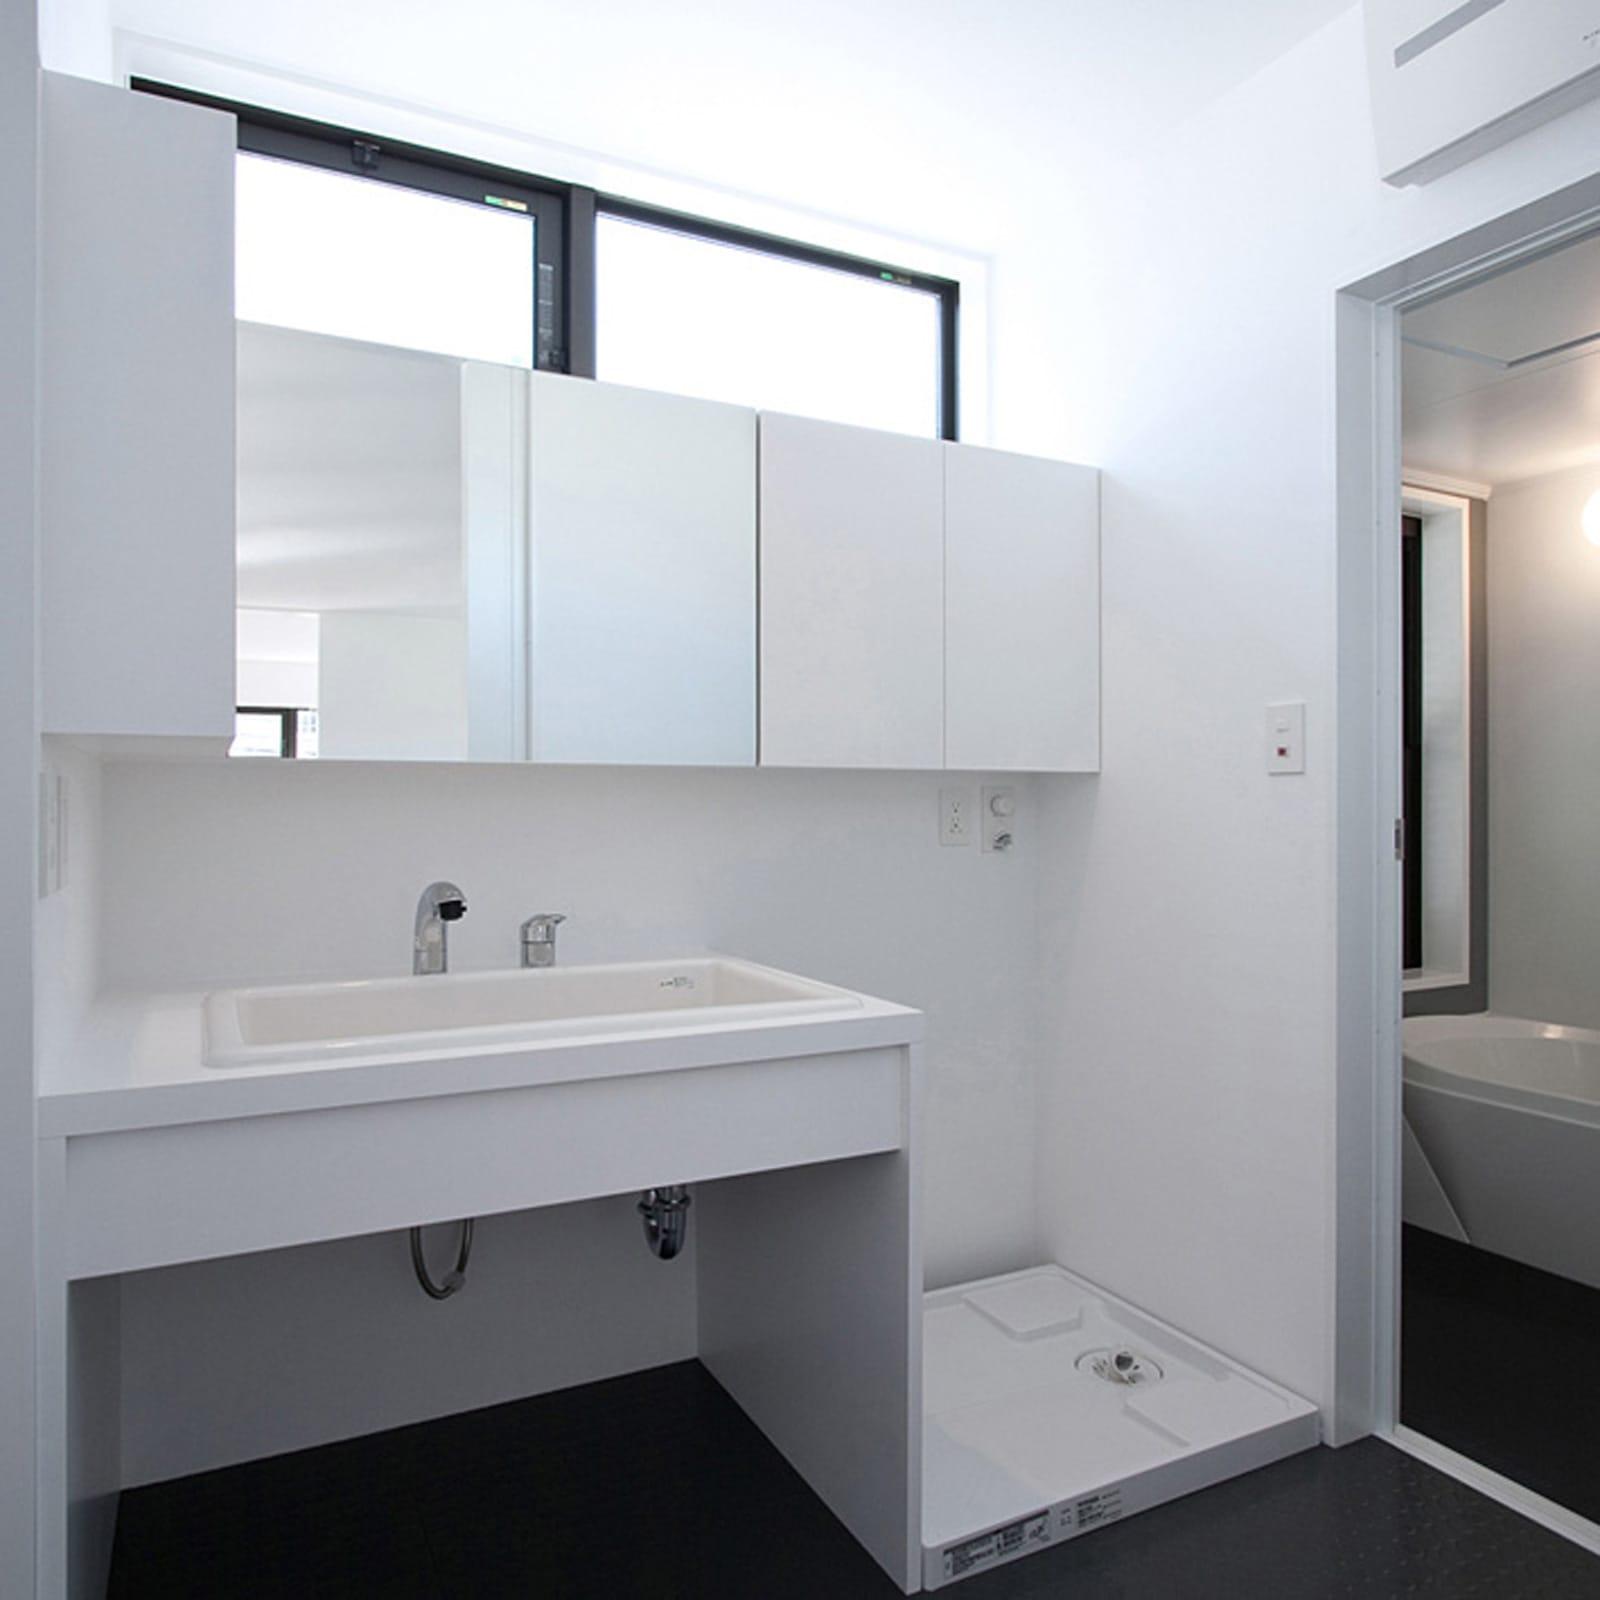 気配を感じる玄関土間のある家の浴室・洗面室1